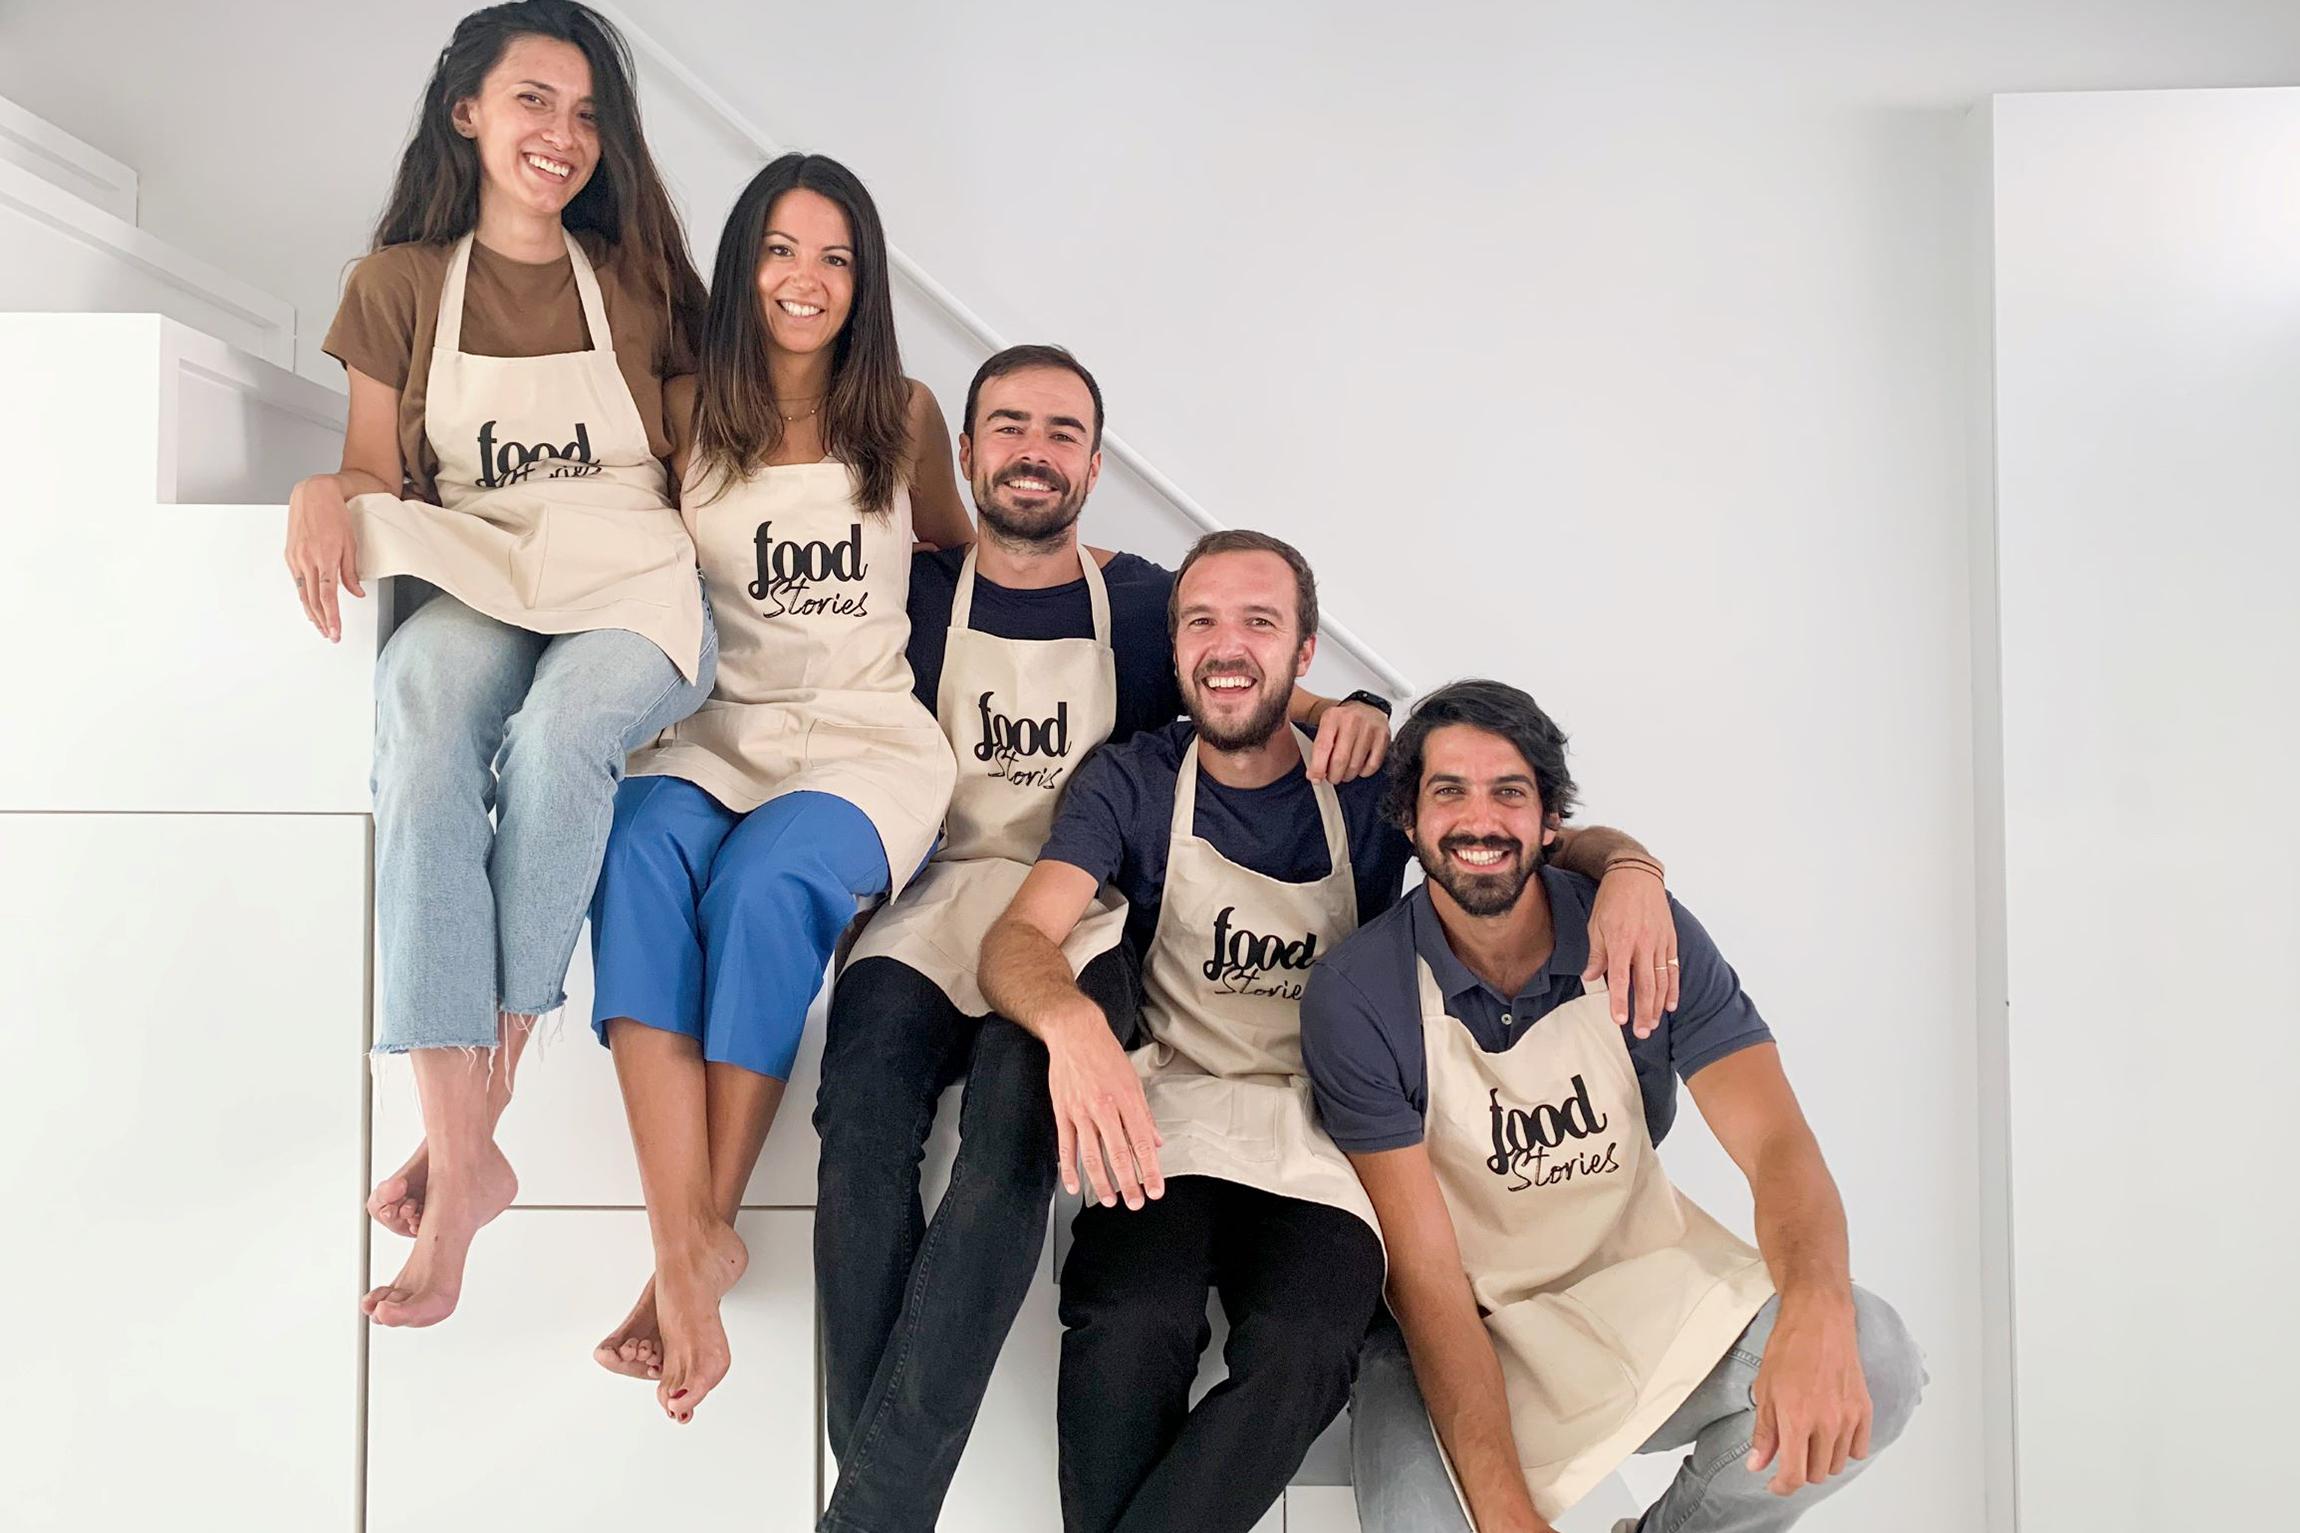 Nace foodStories, startup que ofrece comida saludable a domicilio en envases recirculables